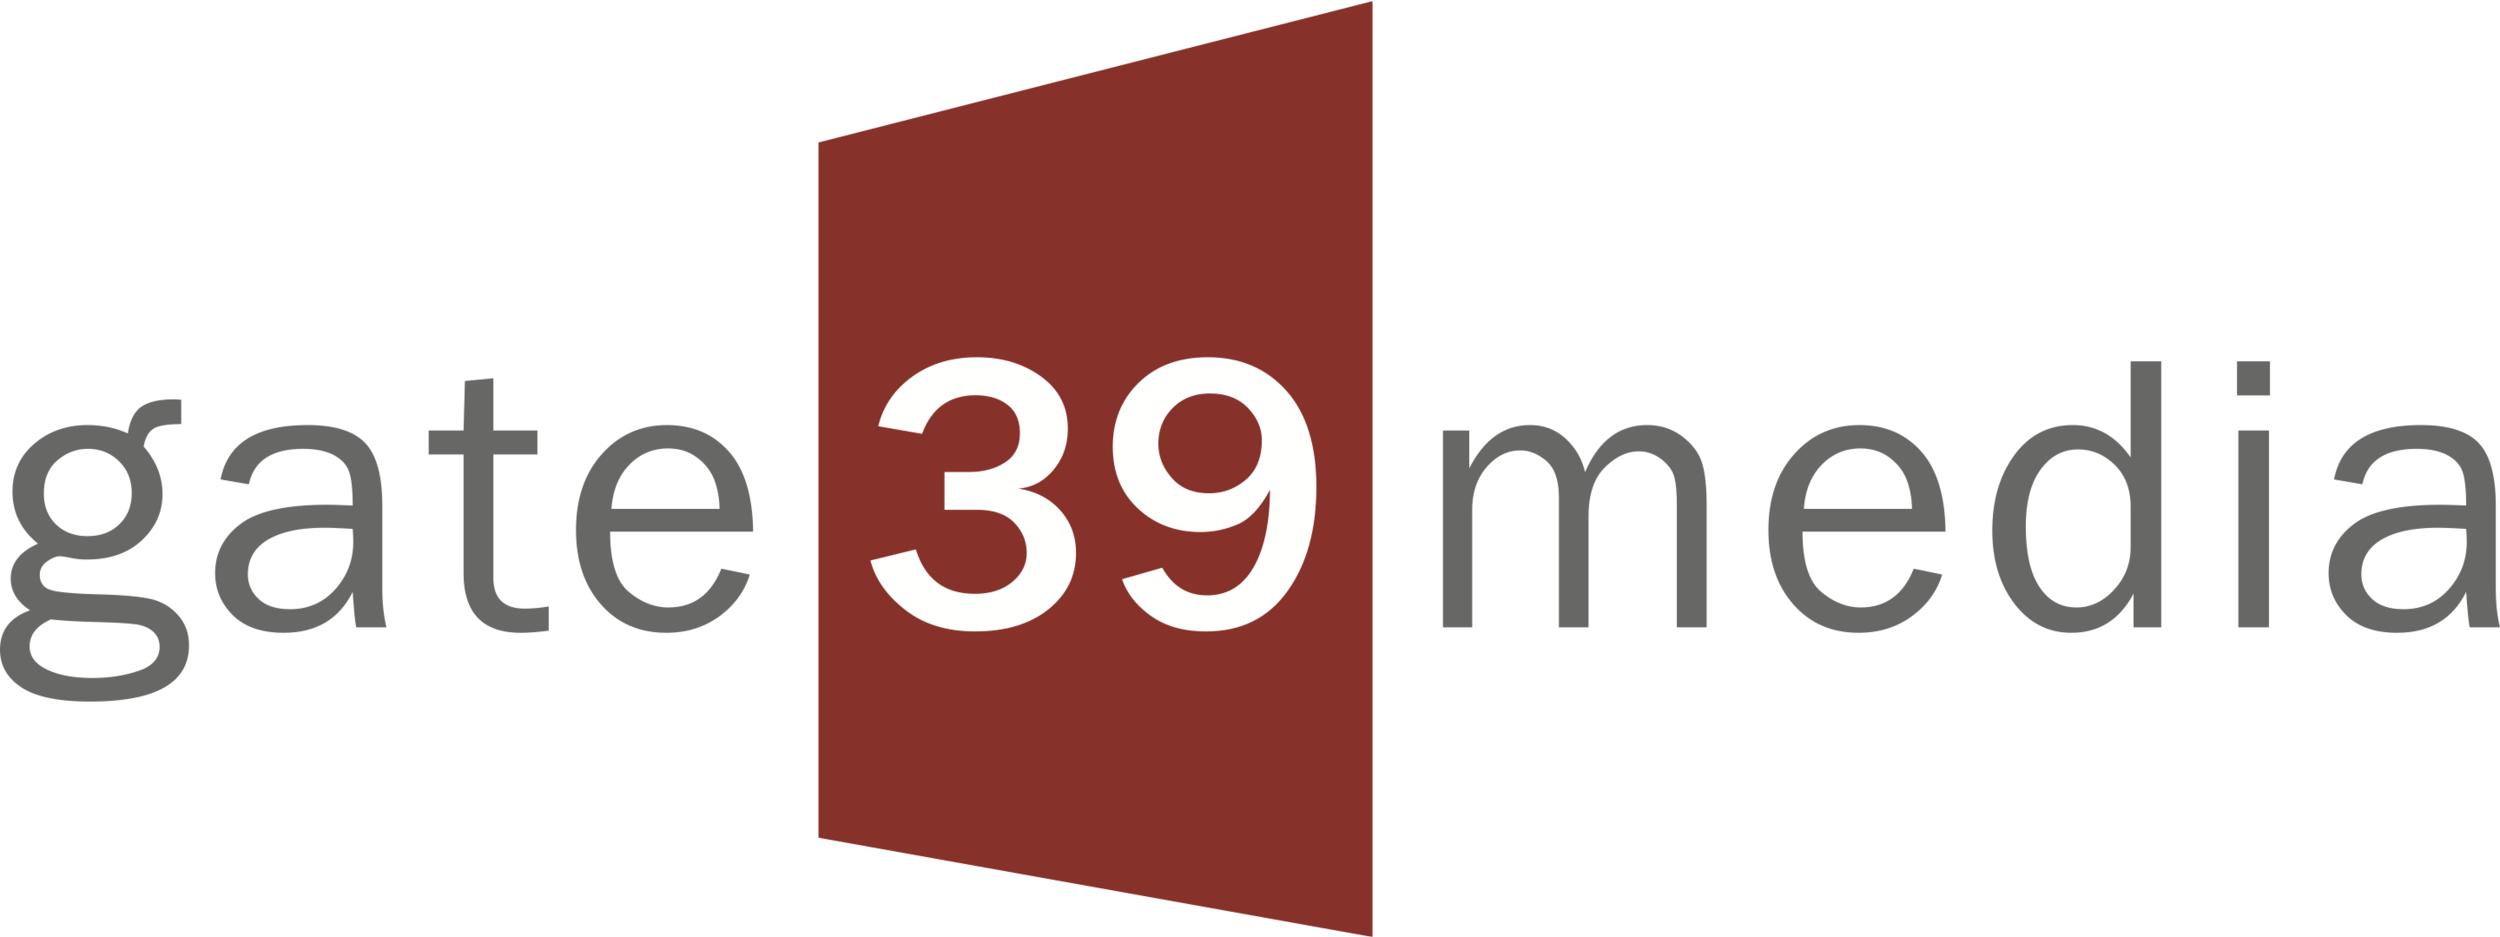 gate39media-logo.png